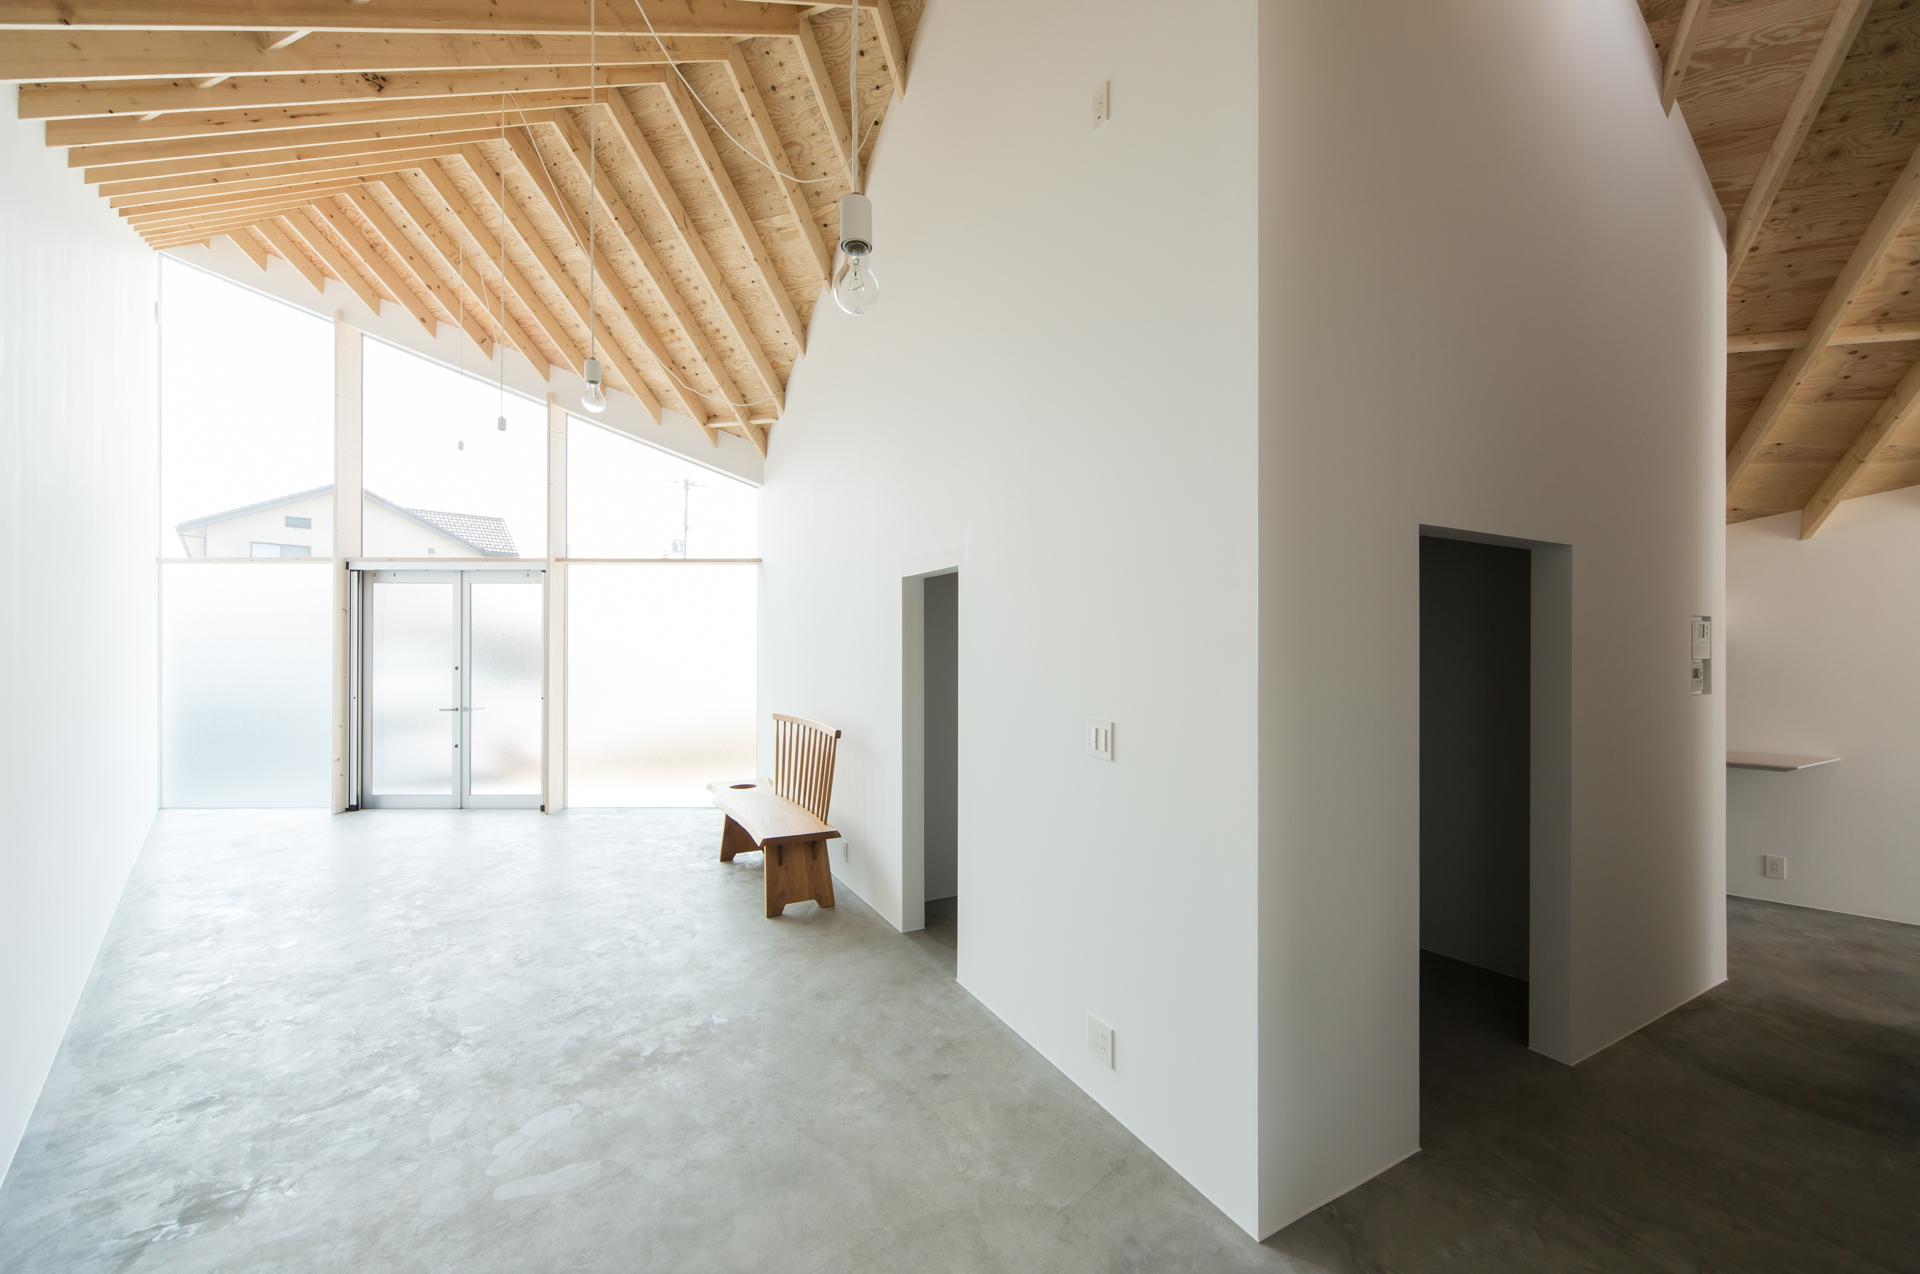 Nhà ở gây thương nhớ với thiết kế lấy cảm hứng từ hình dạng của viên kim cương - Ảnh 5.